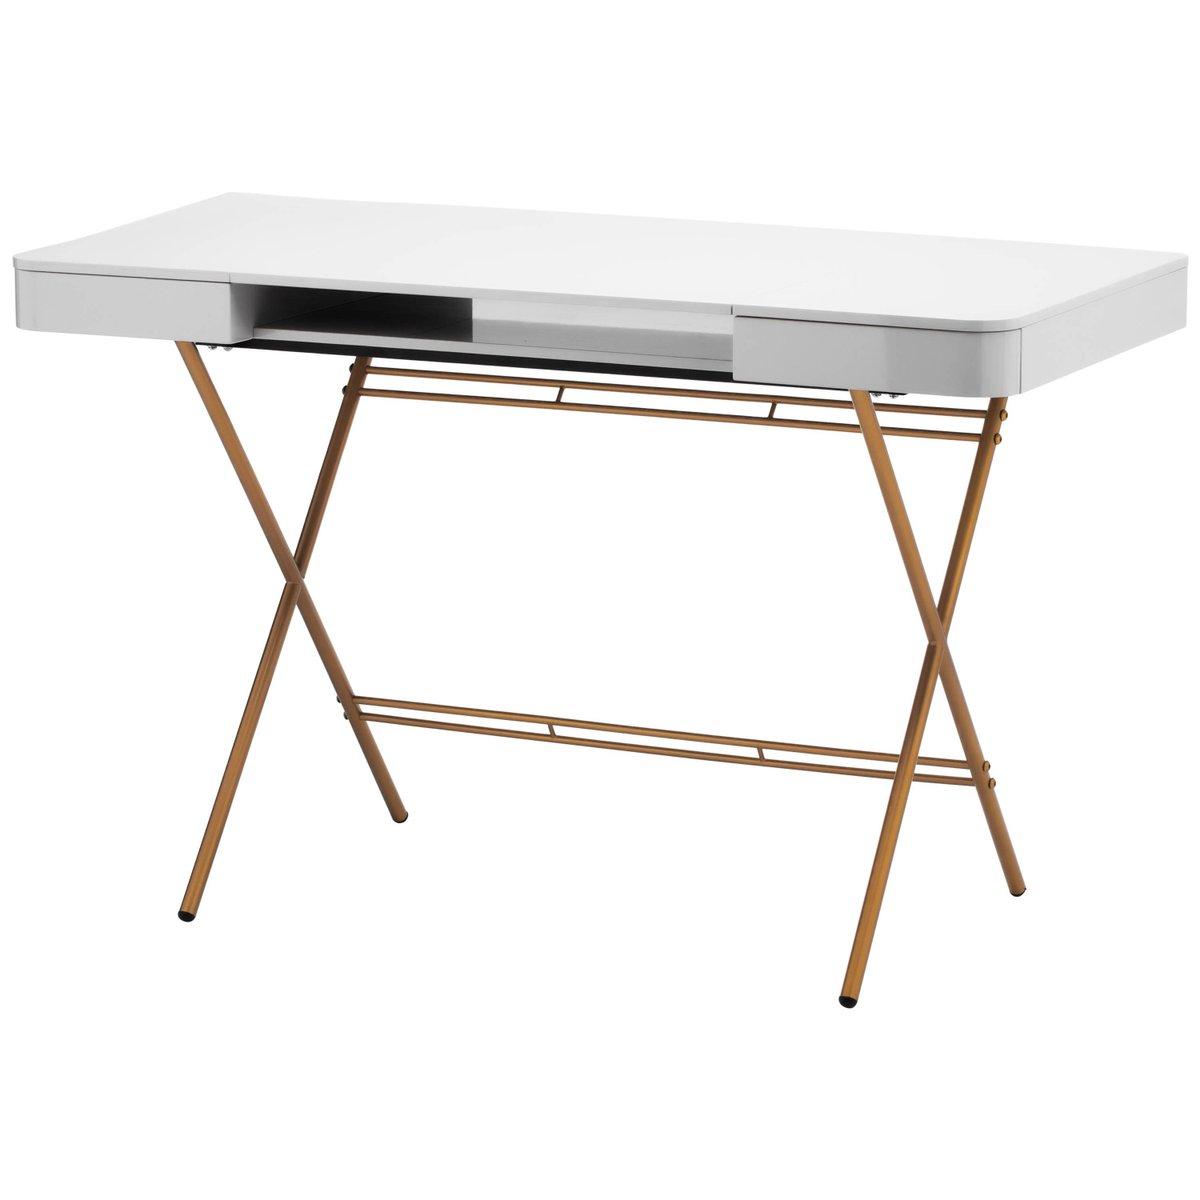 Tischplatte fur schreibtisch - Grauer schreibtisch ...